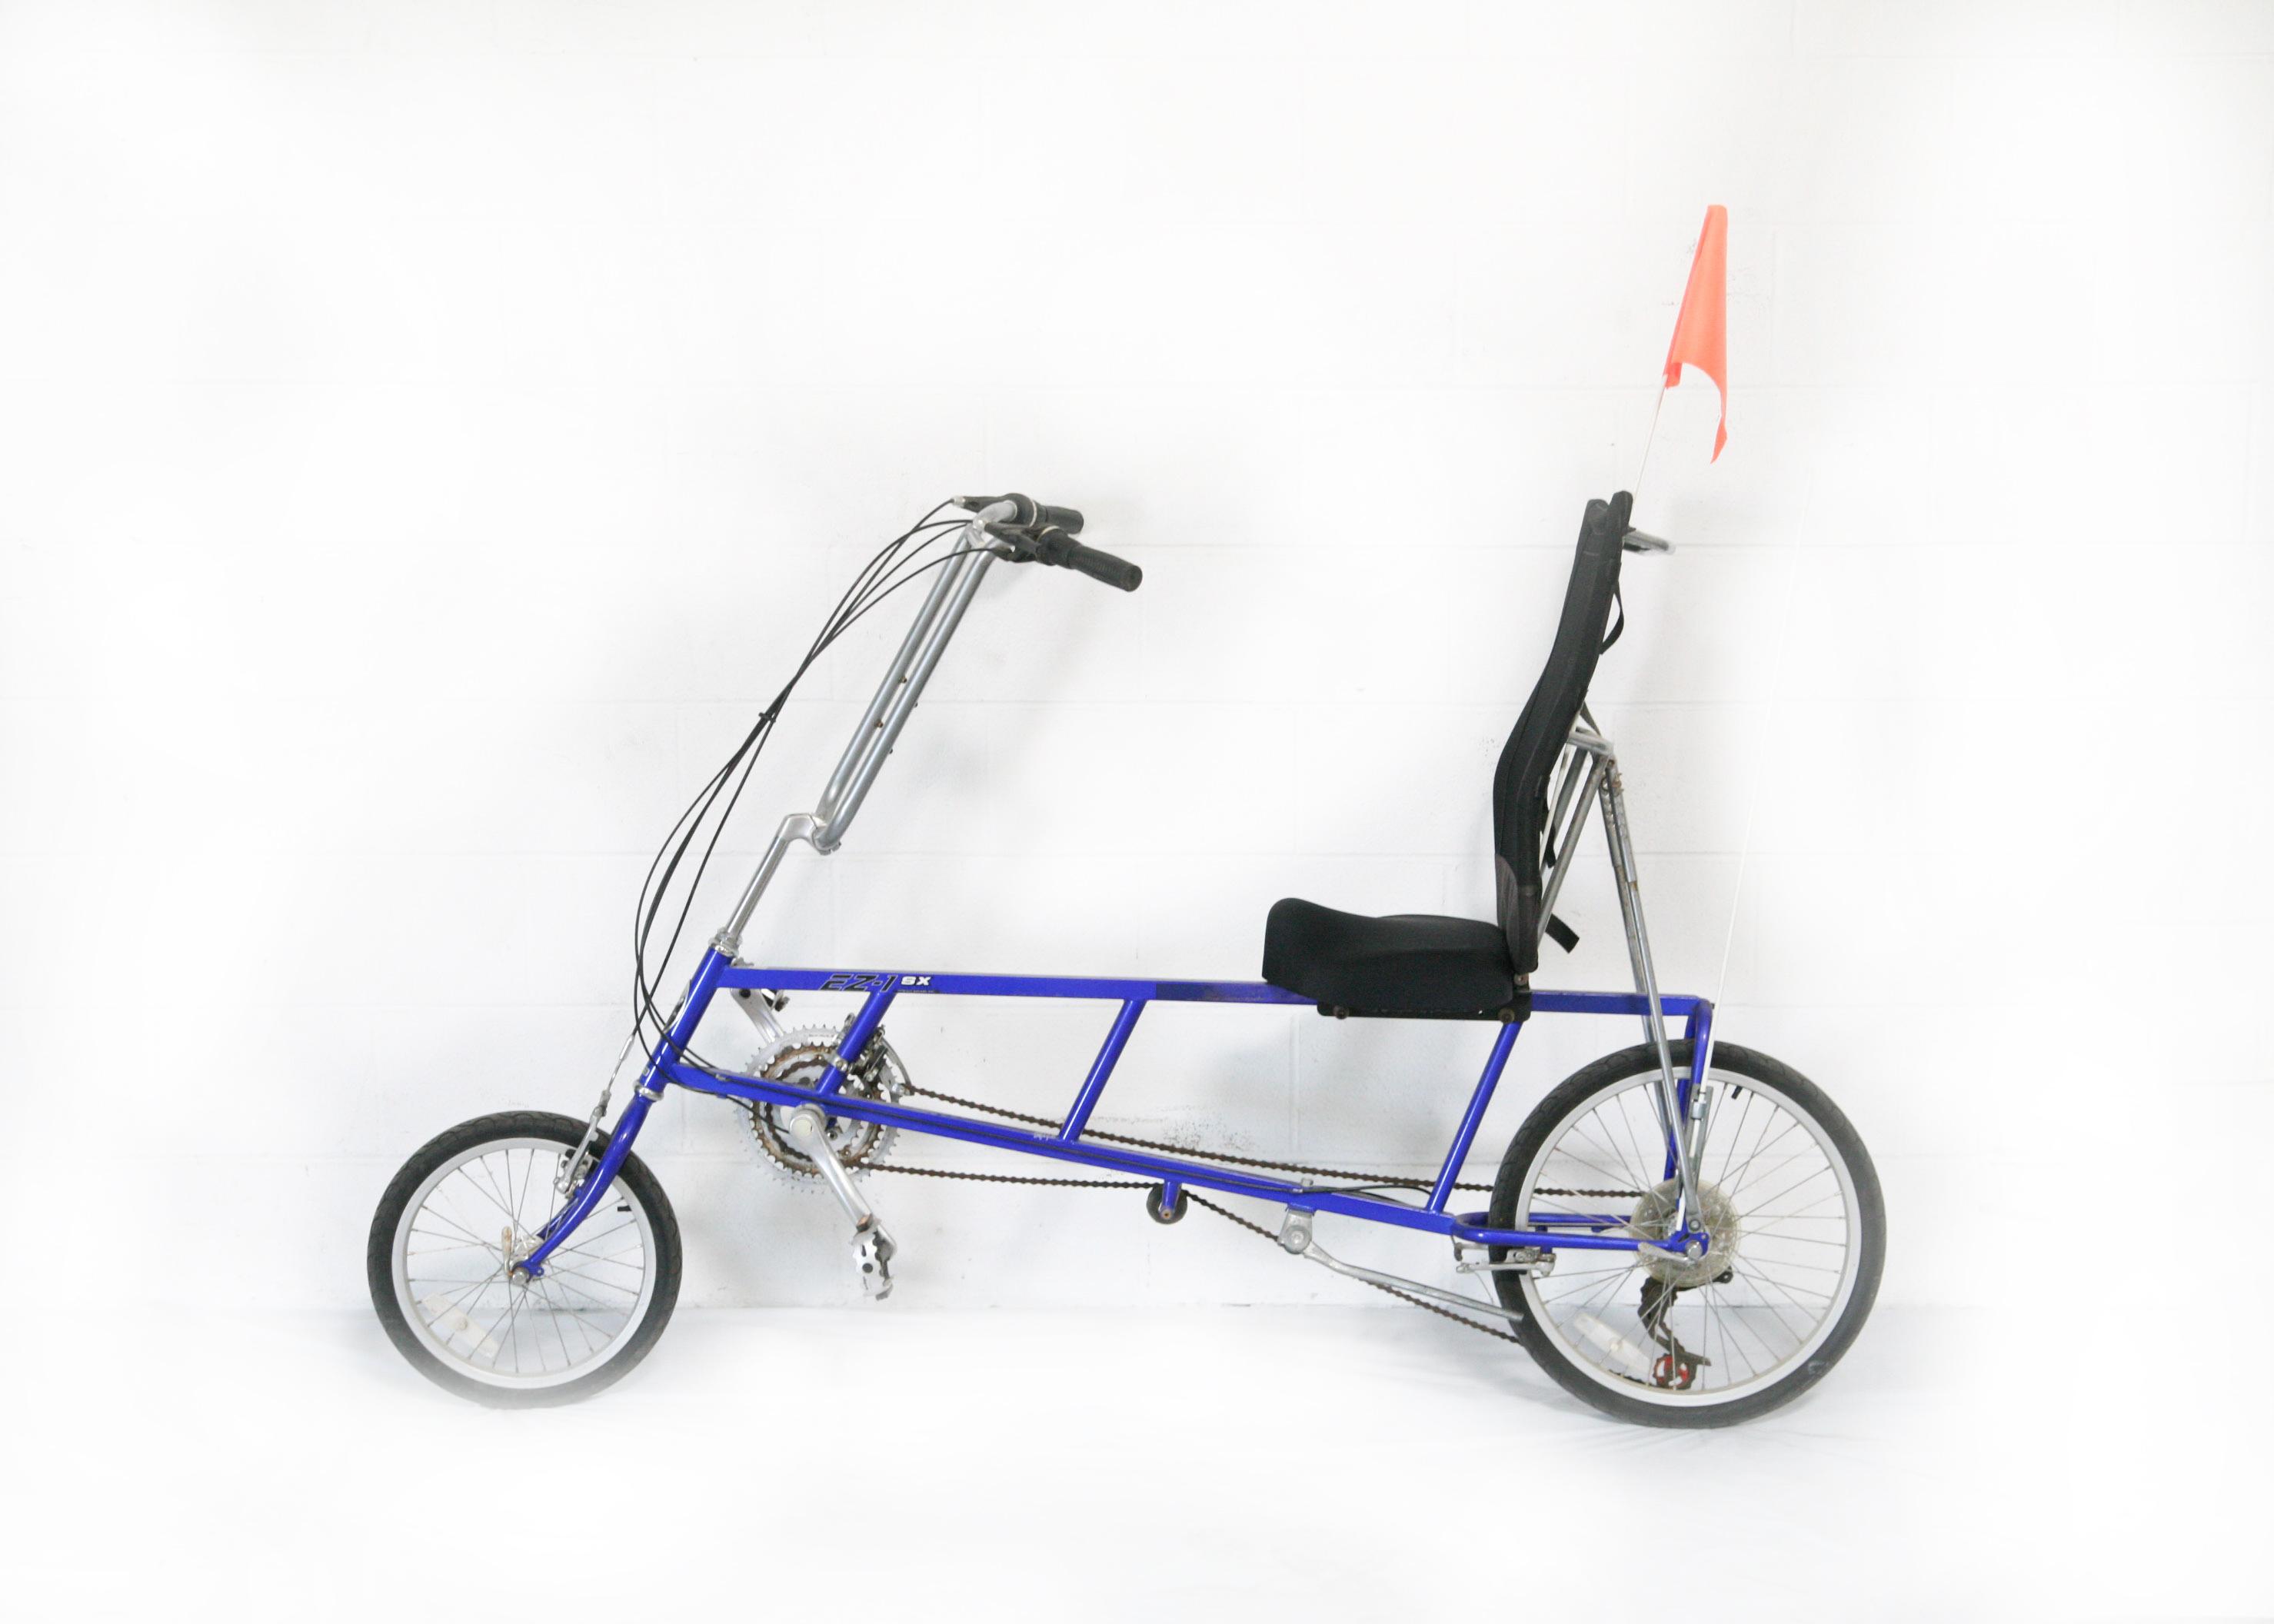 Sun Ez 1 Sx Recumbent Bicycle